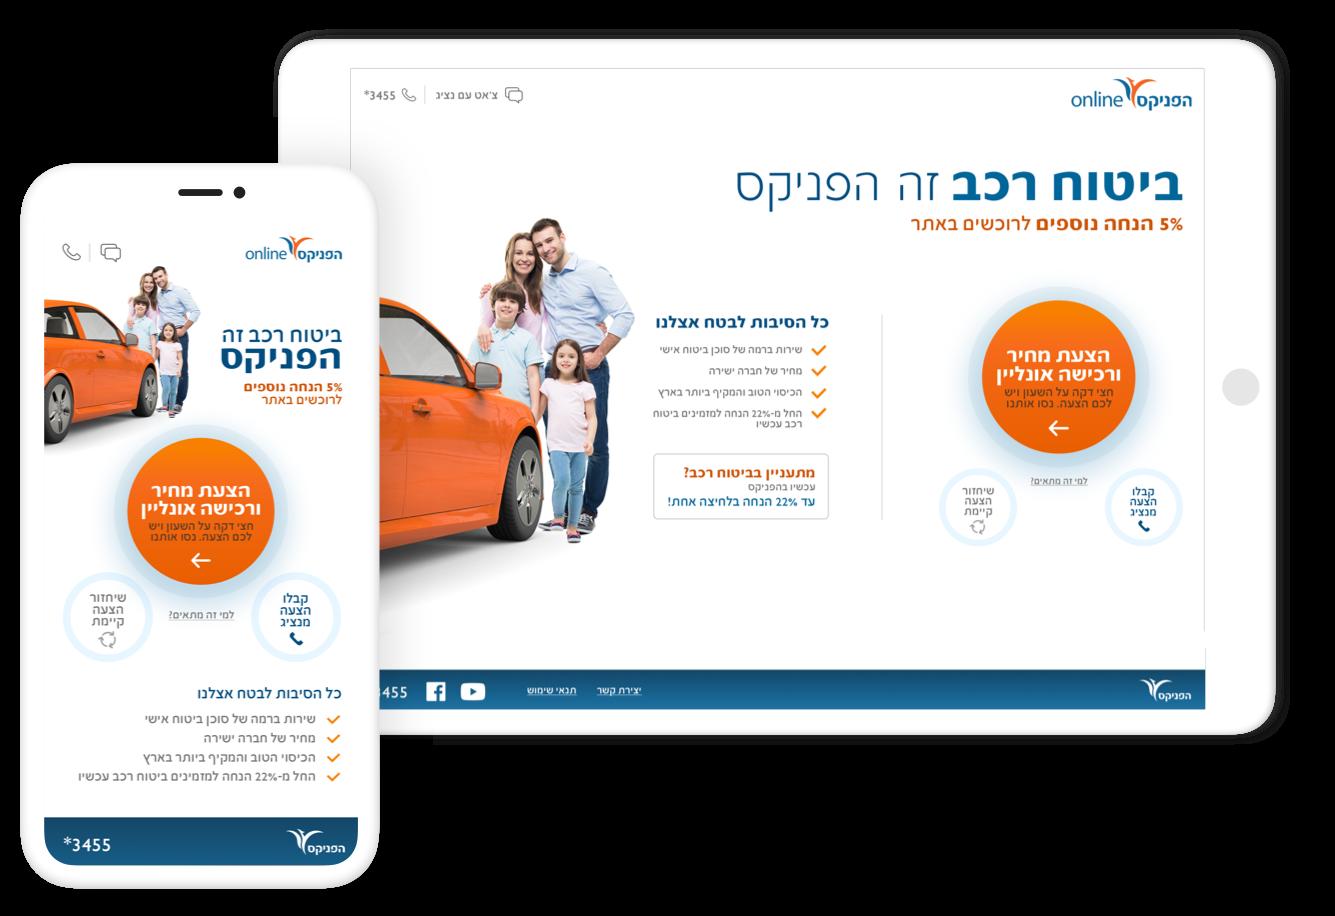 Phenix Insurance UI design